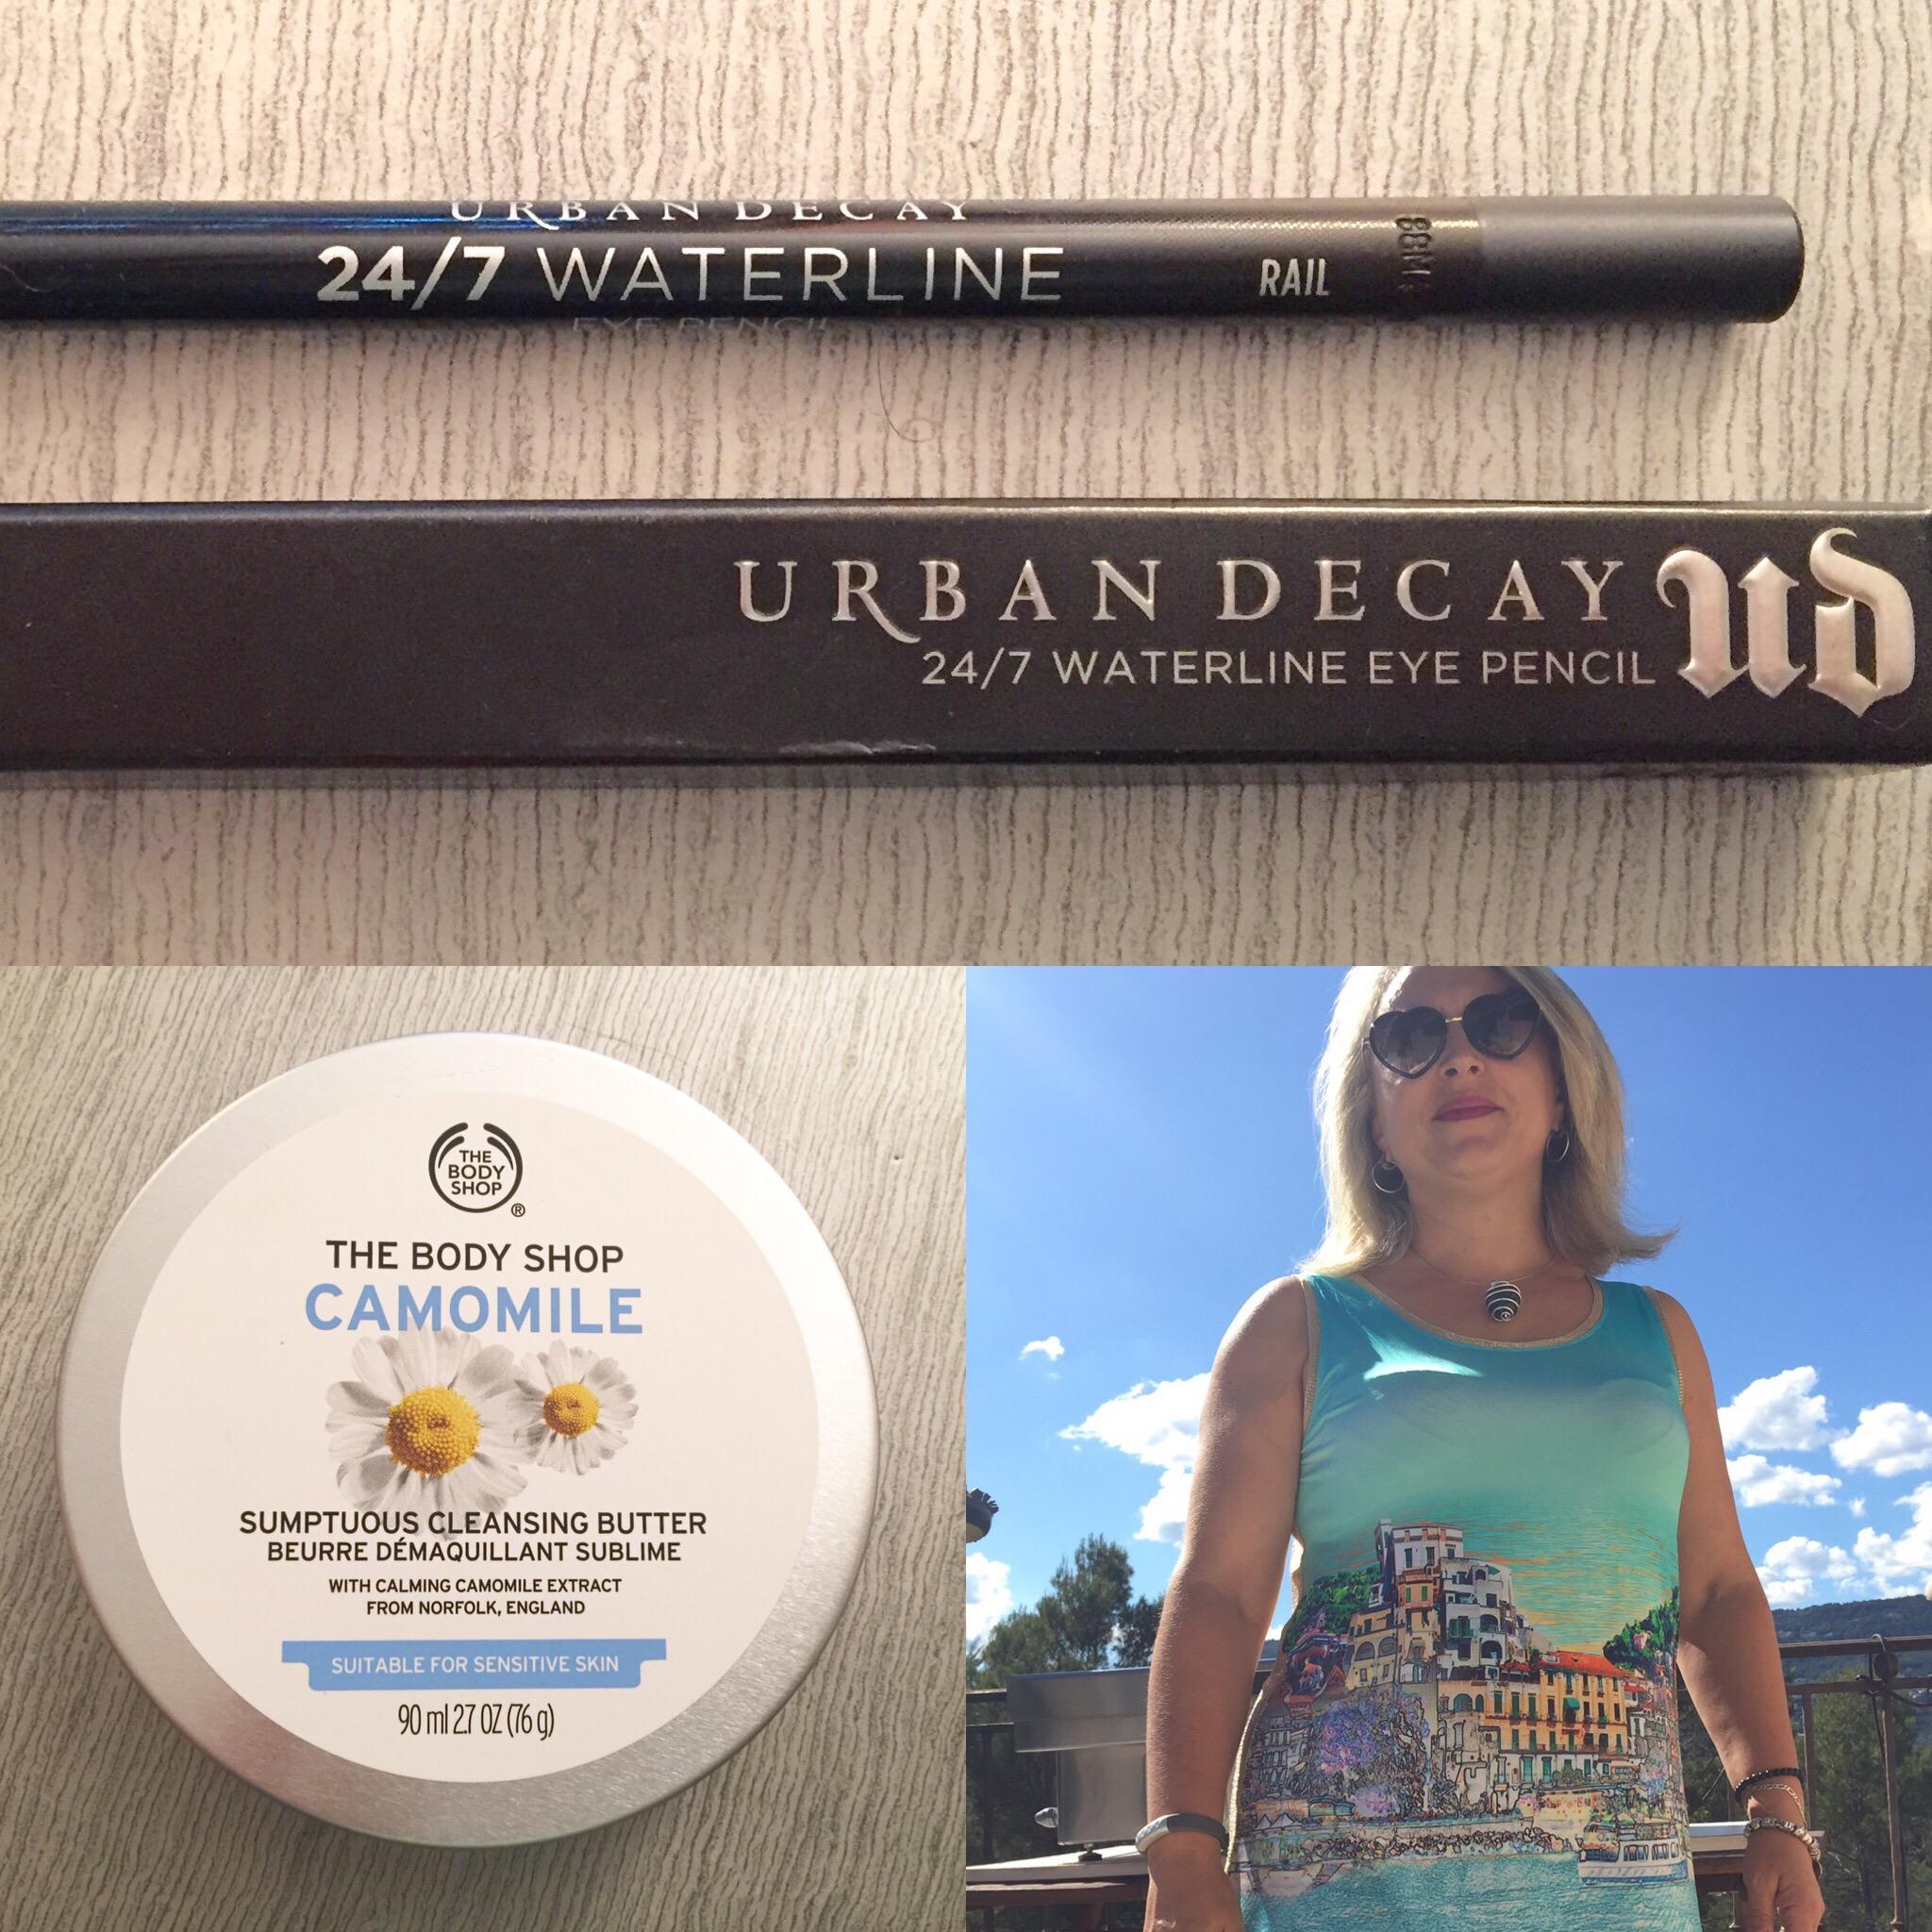 Les tests de TheMouse: le crayon Urban Decay 24/7 waterline eye Pencil et le beurre démaquillant sublime Camomille The Body Shop